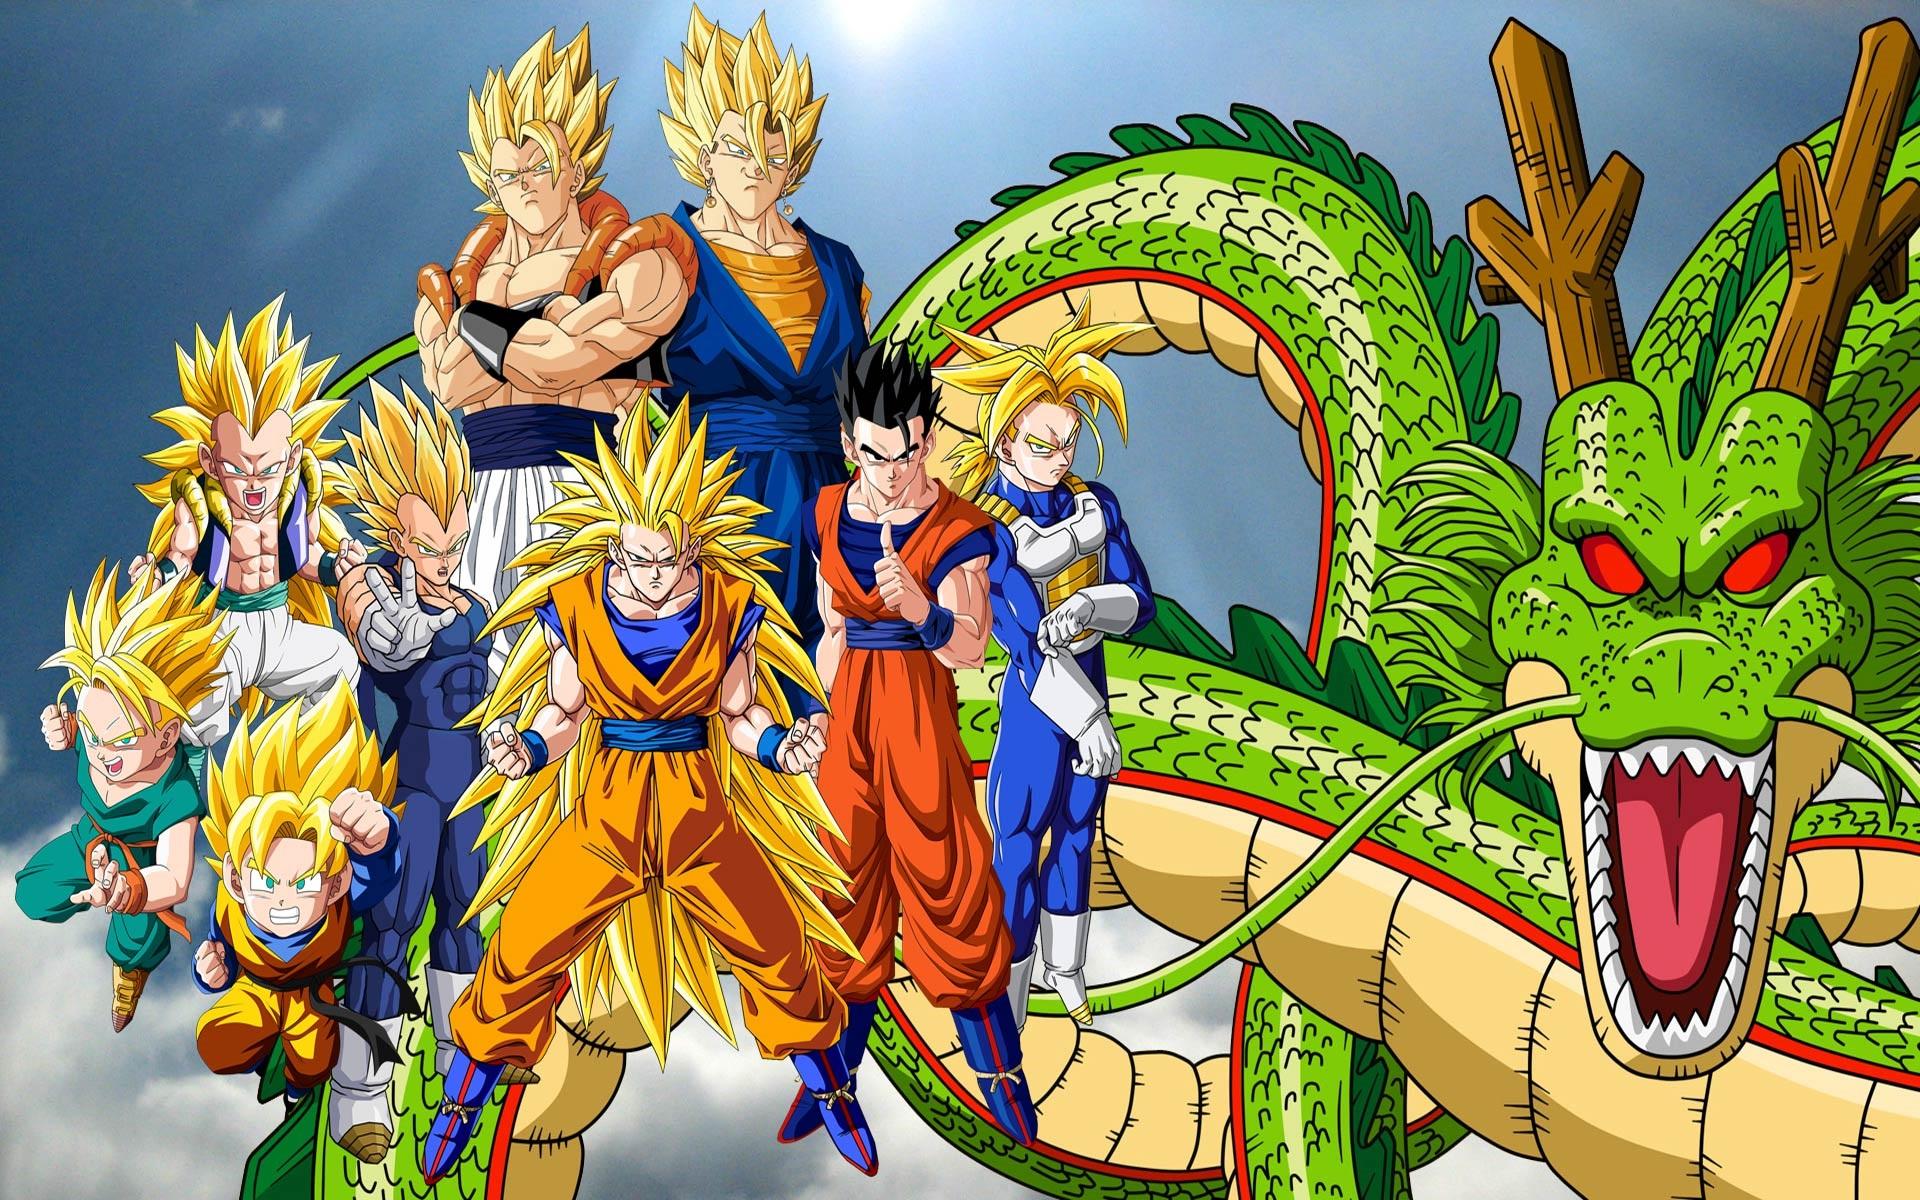 Fonds d'écran Dragon Ball Z, anime écran large 1920x1200 HD image